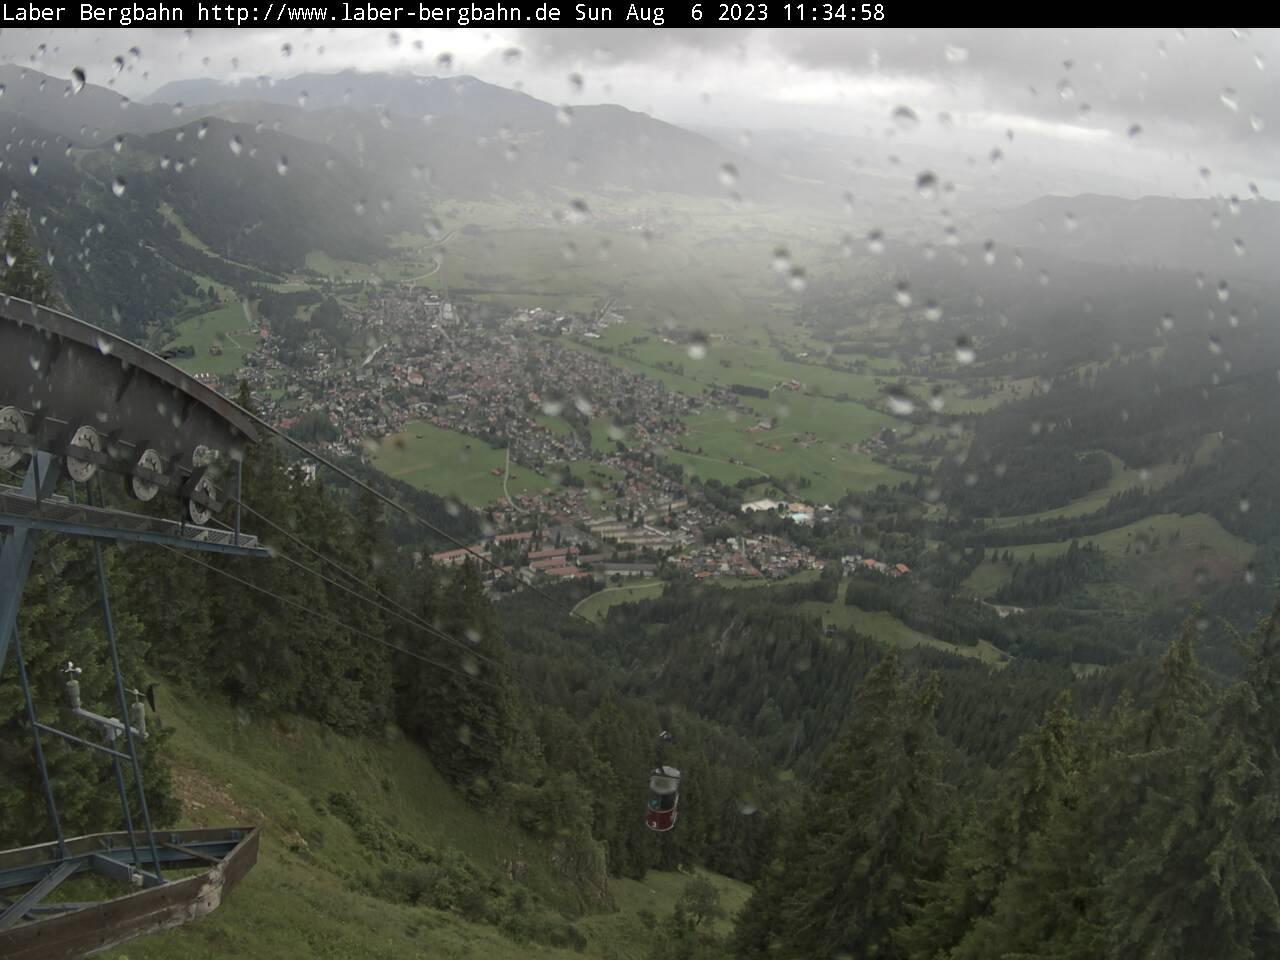 Webcam Ski Resort Oberammergau - Laber nach Norden - Bavaria Alps - Upper Bavaria